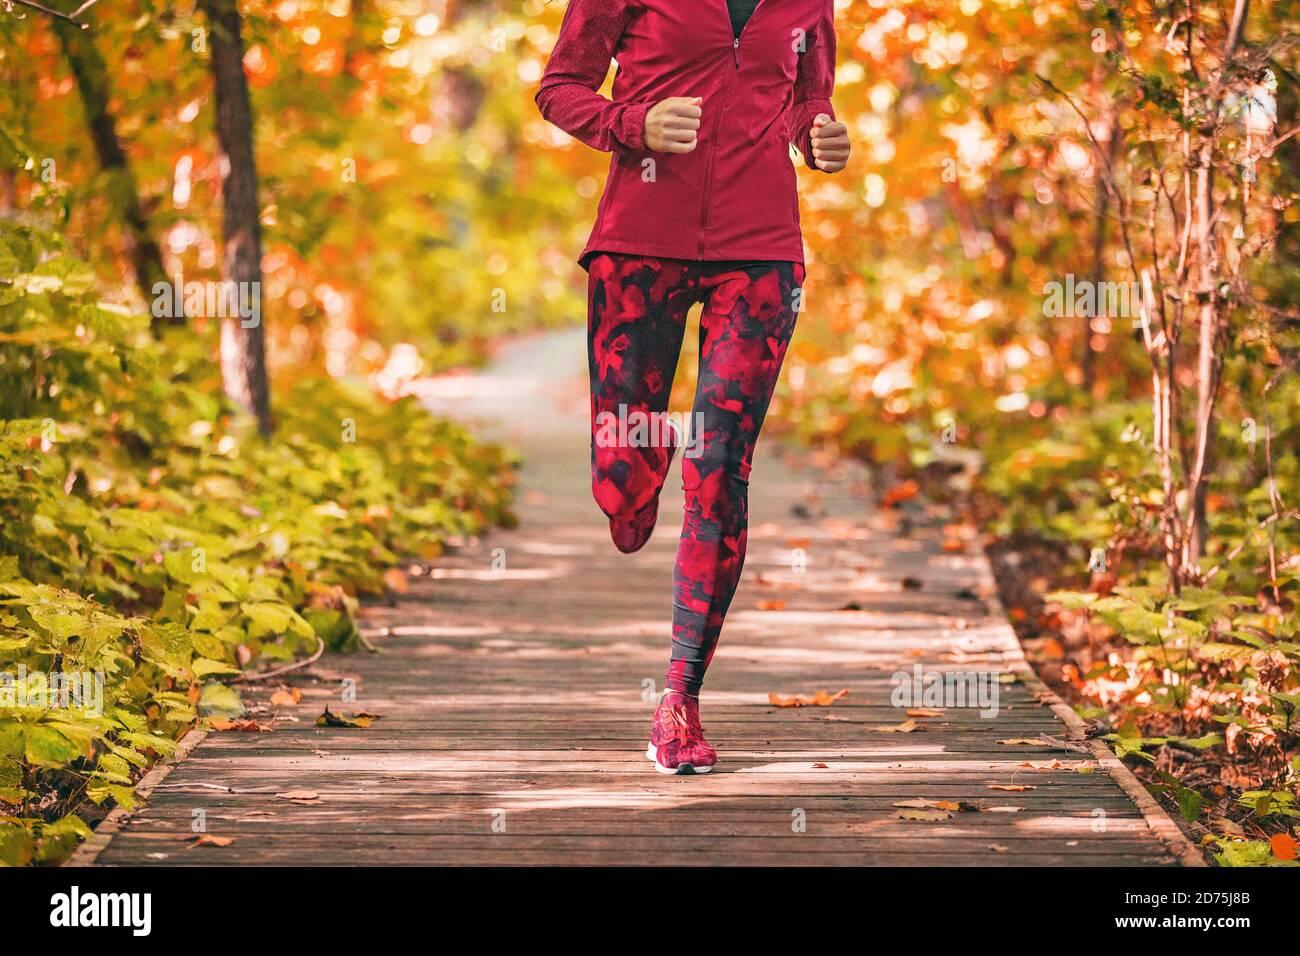 Sentier de course femme courir dans la forêt parc nature plein air entraînement de fitness sur la promenade en automne feuillage portant des vêtements d'activewear rouge. Fille Banque D'Images